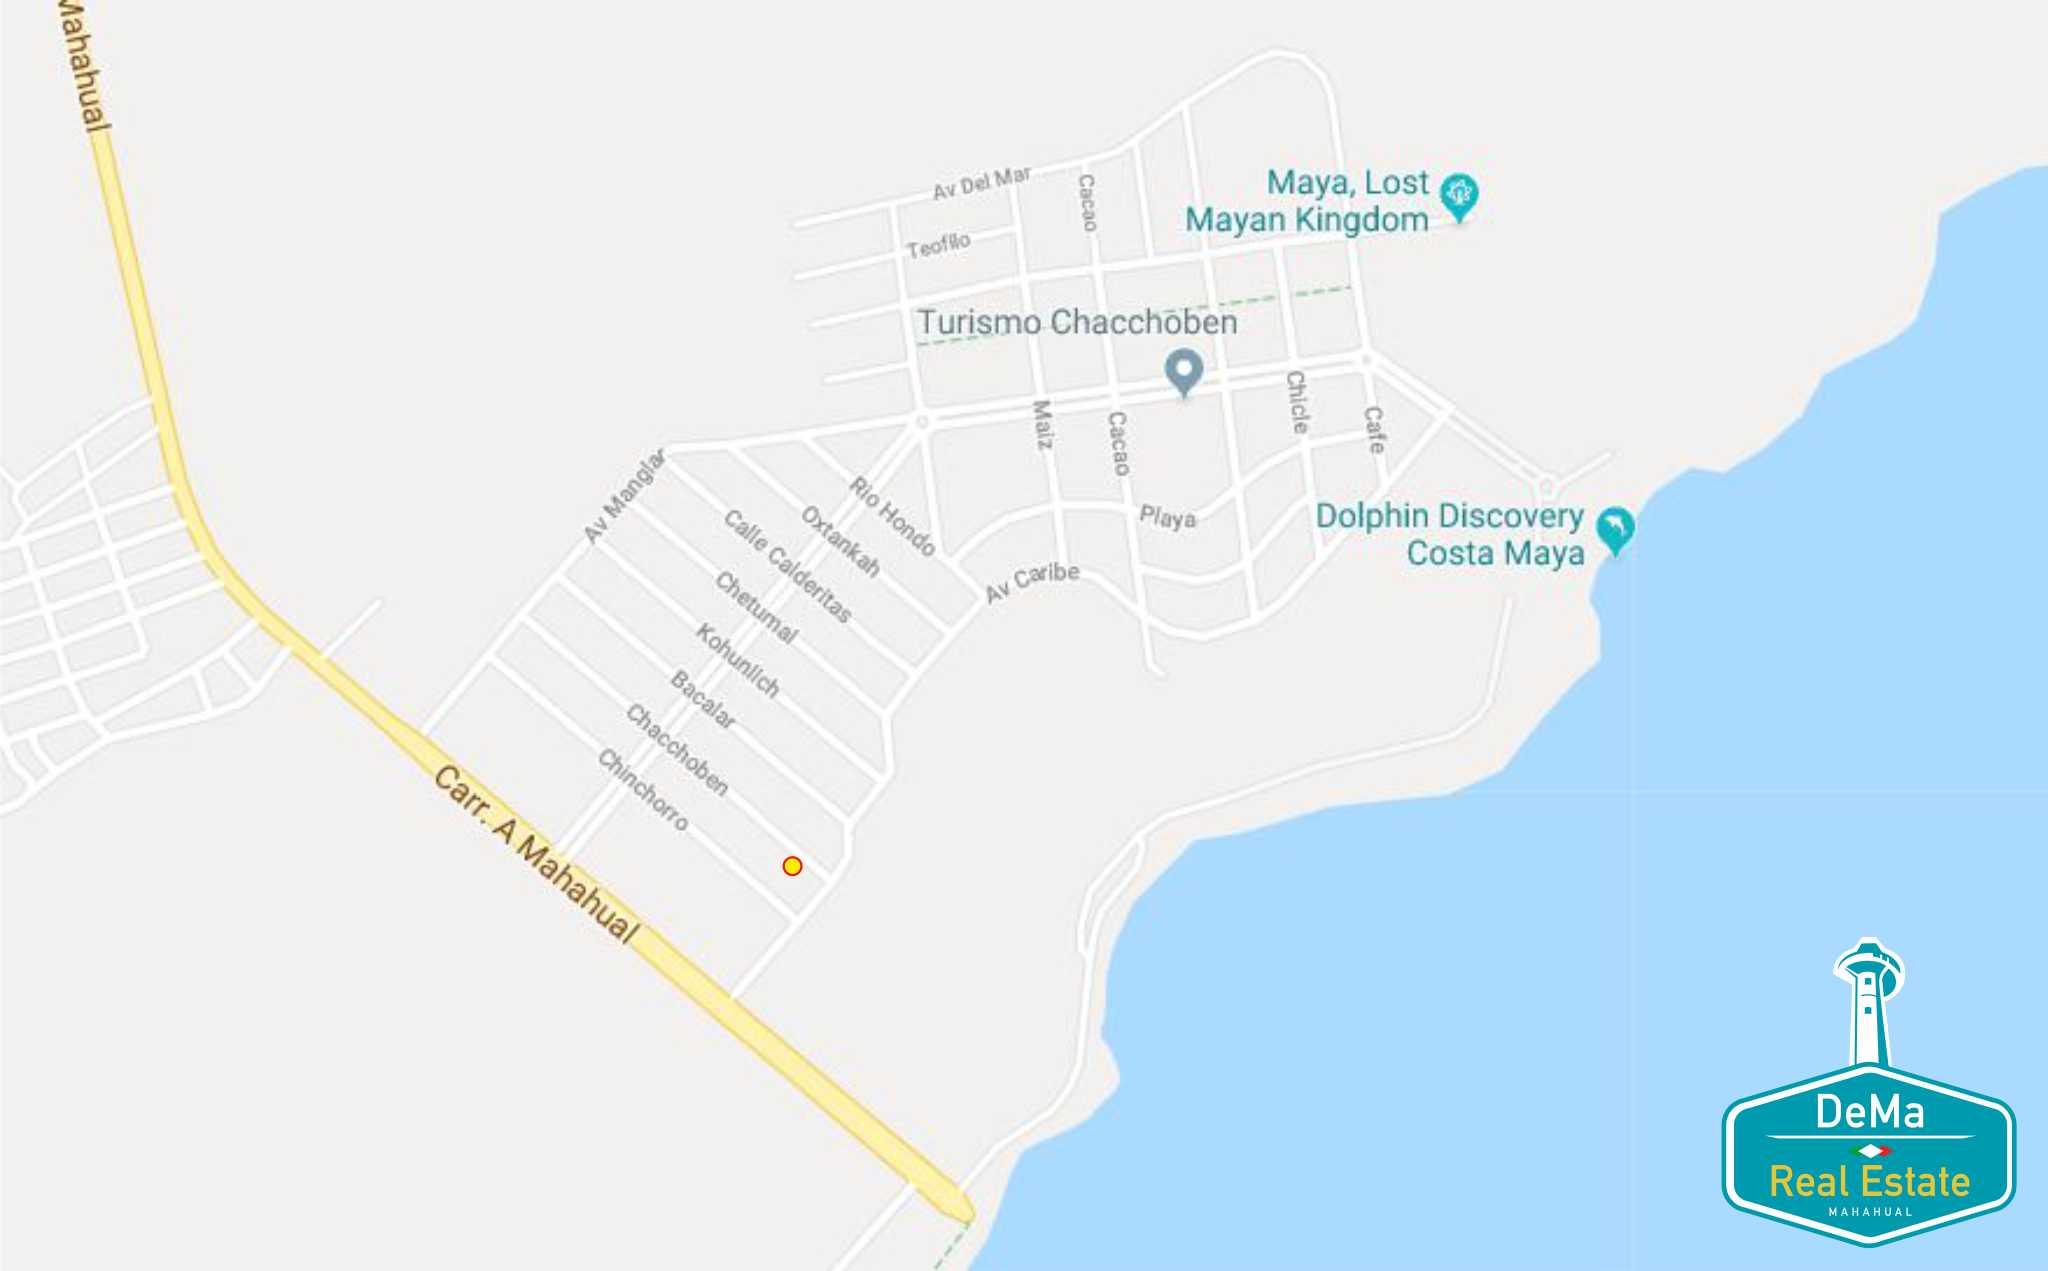 Condominium for sale Mahahual